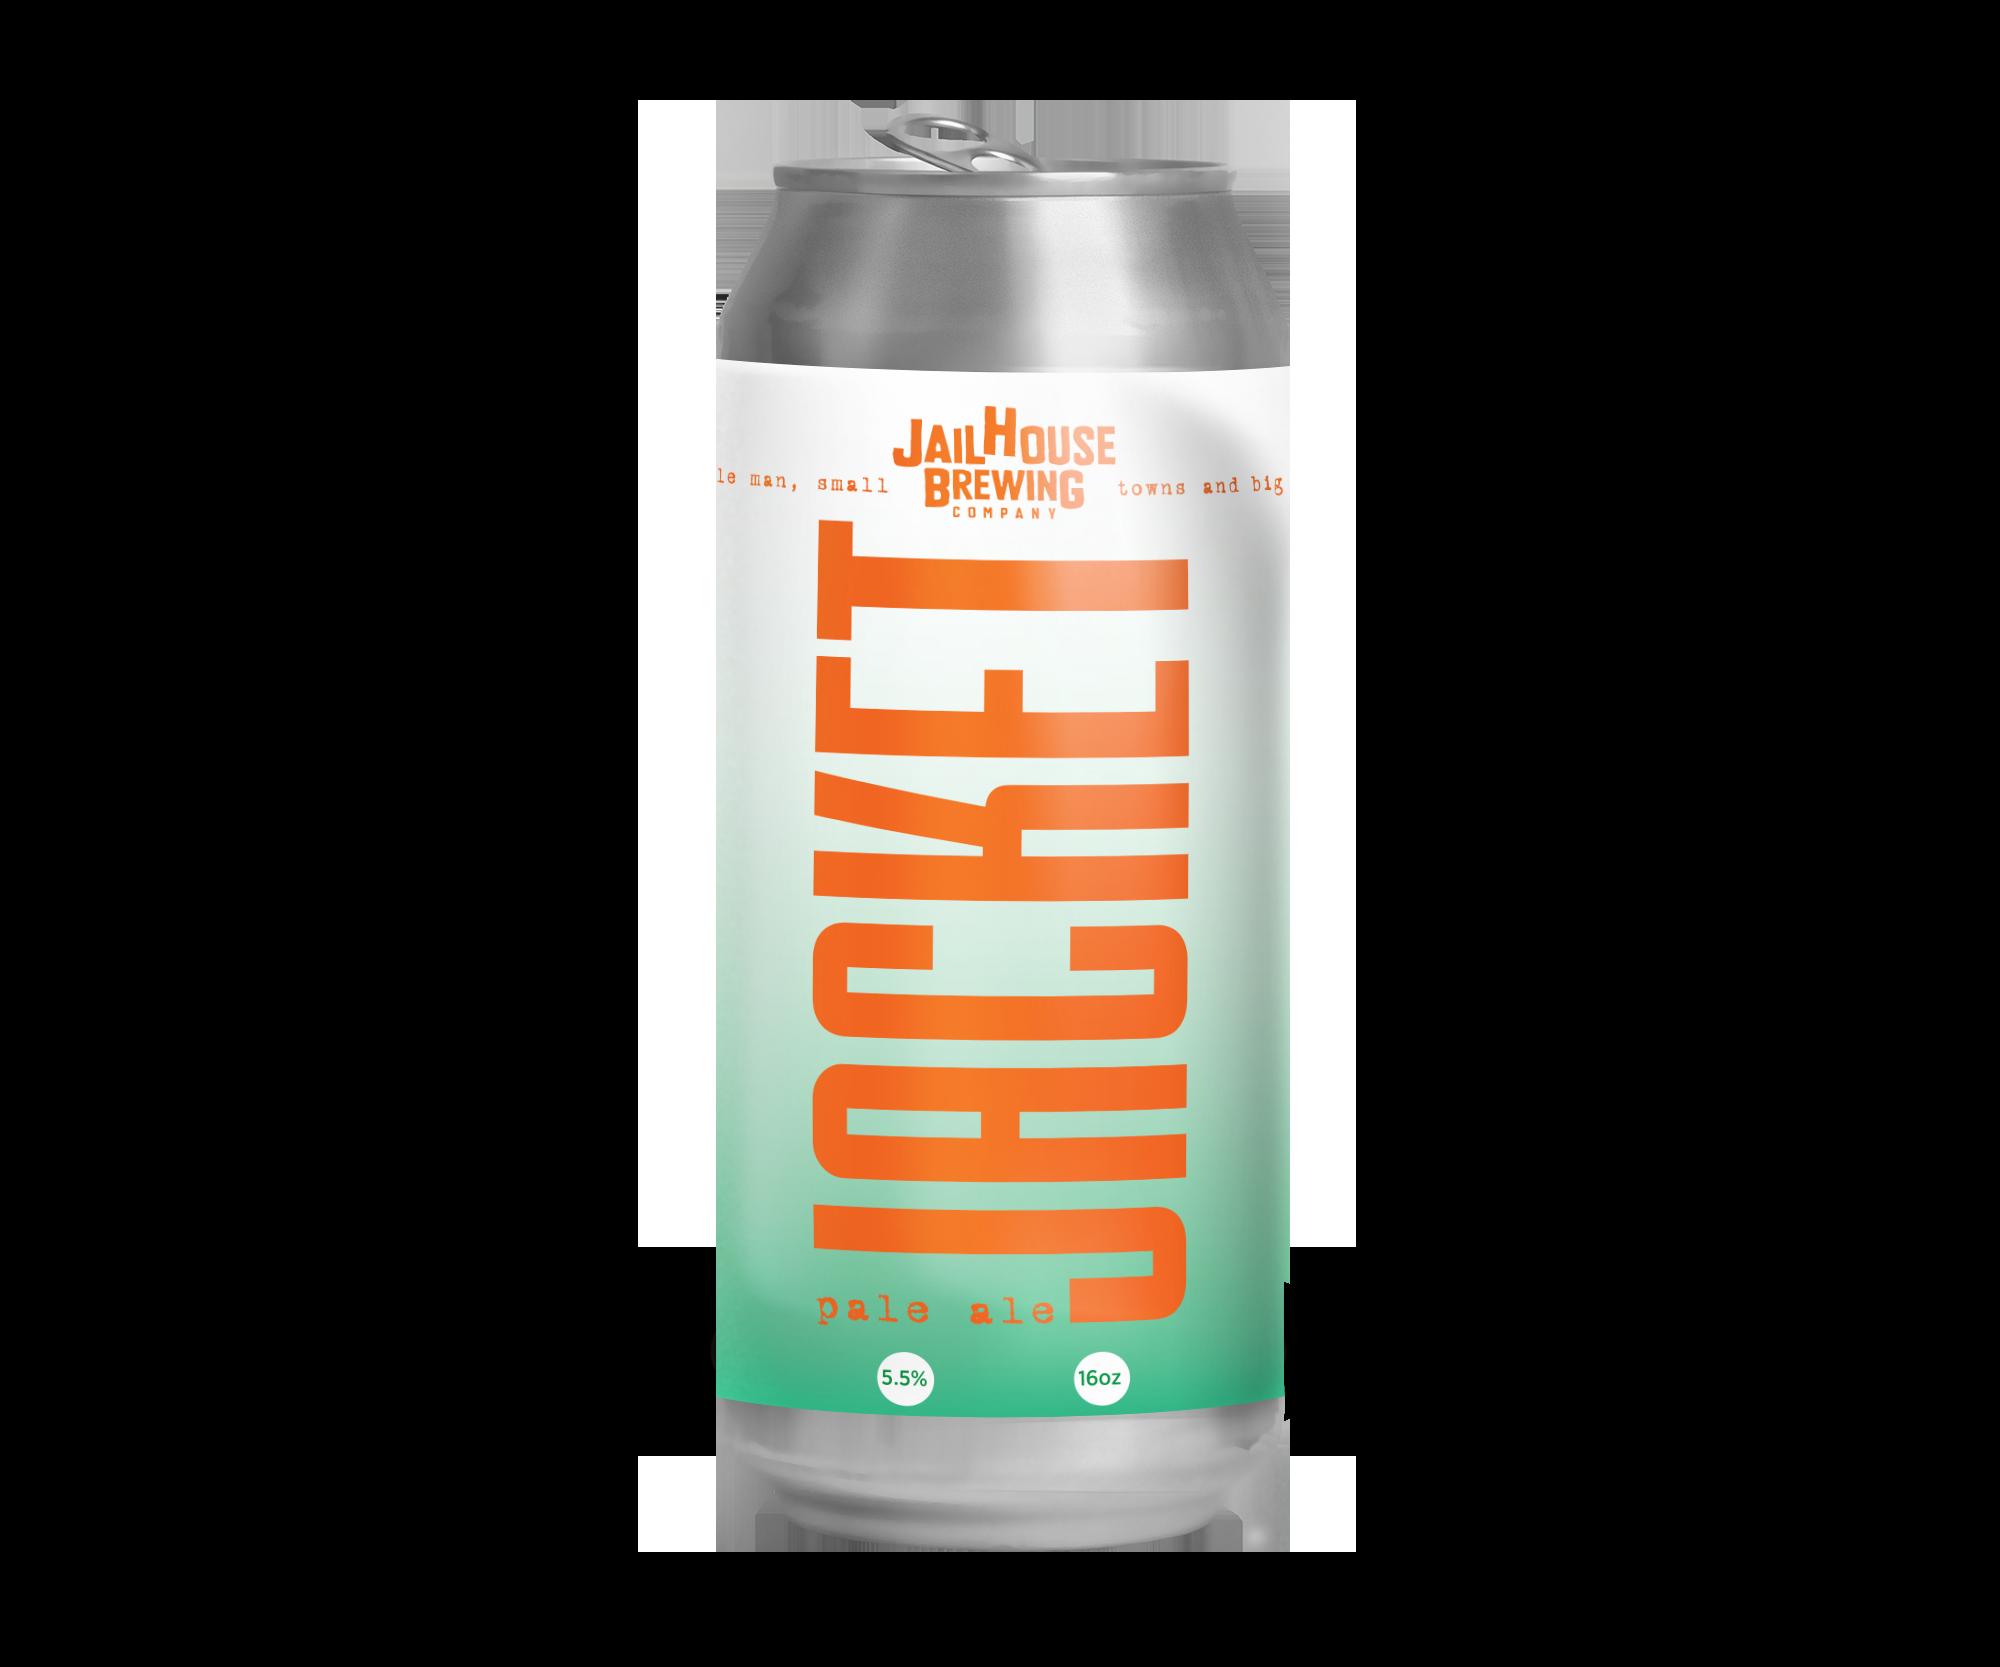 JACKET PALE ALE   PALE ALE | 5.5% | 40 IBU   COMING SOON!